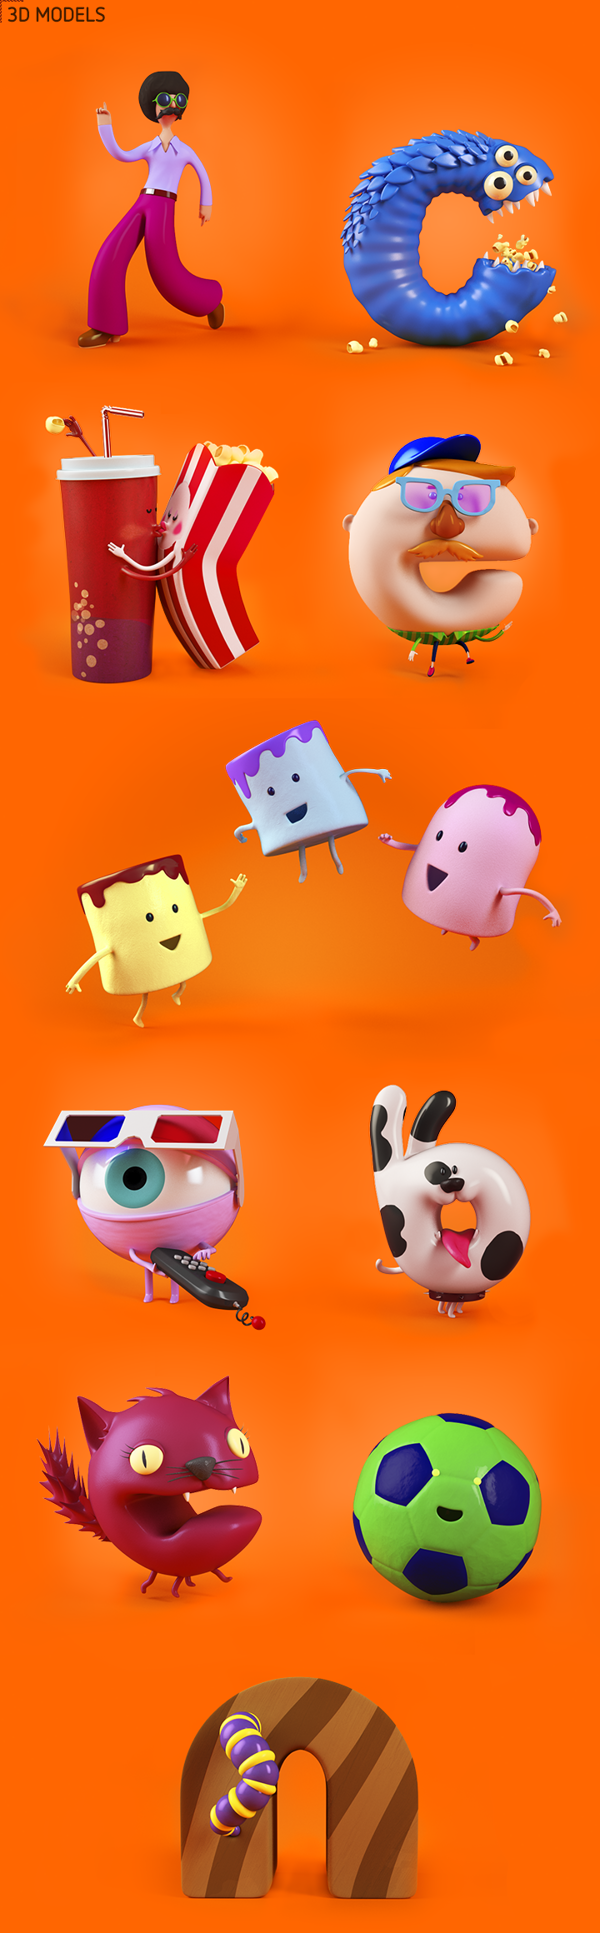 Nickelodeon Popcorn-1